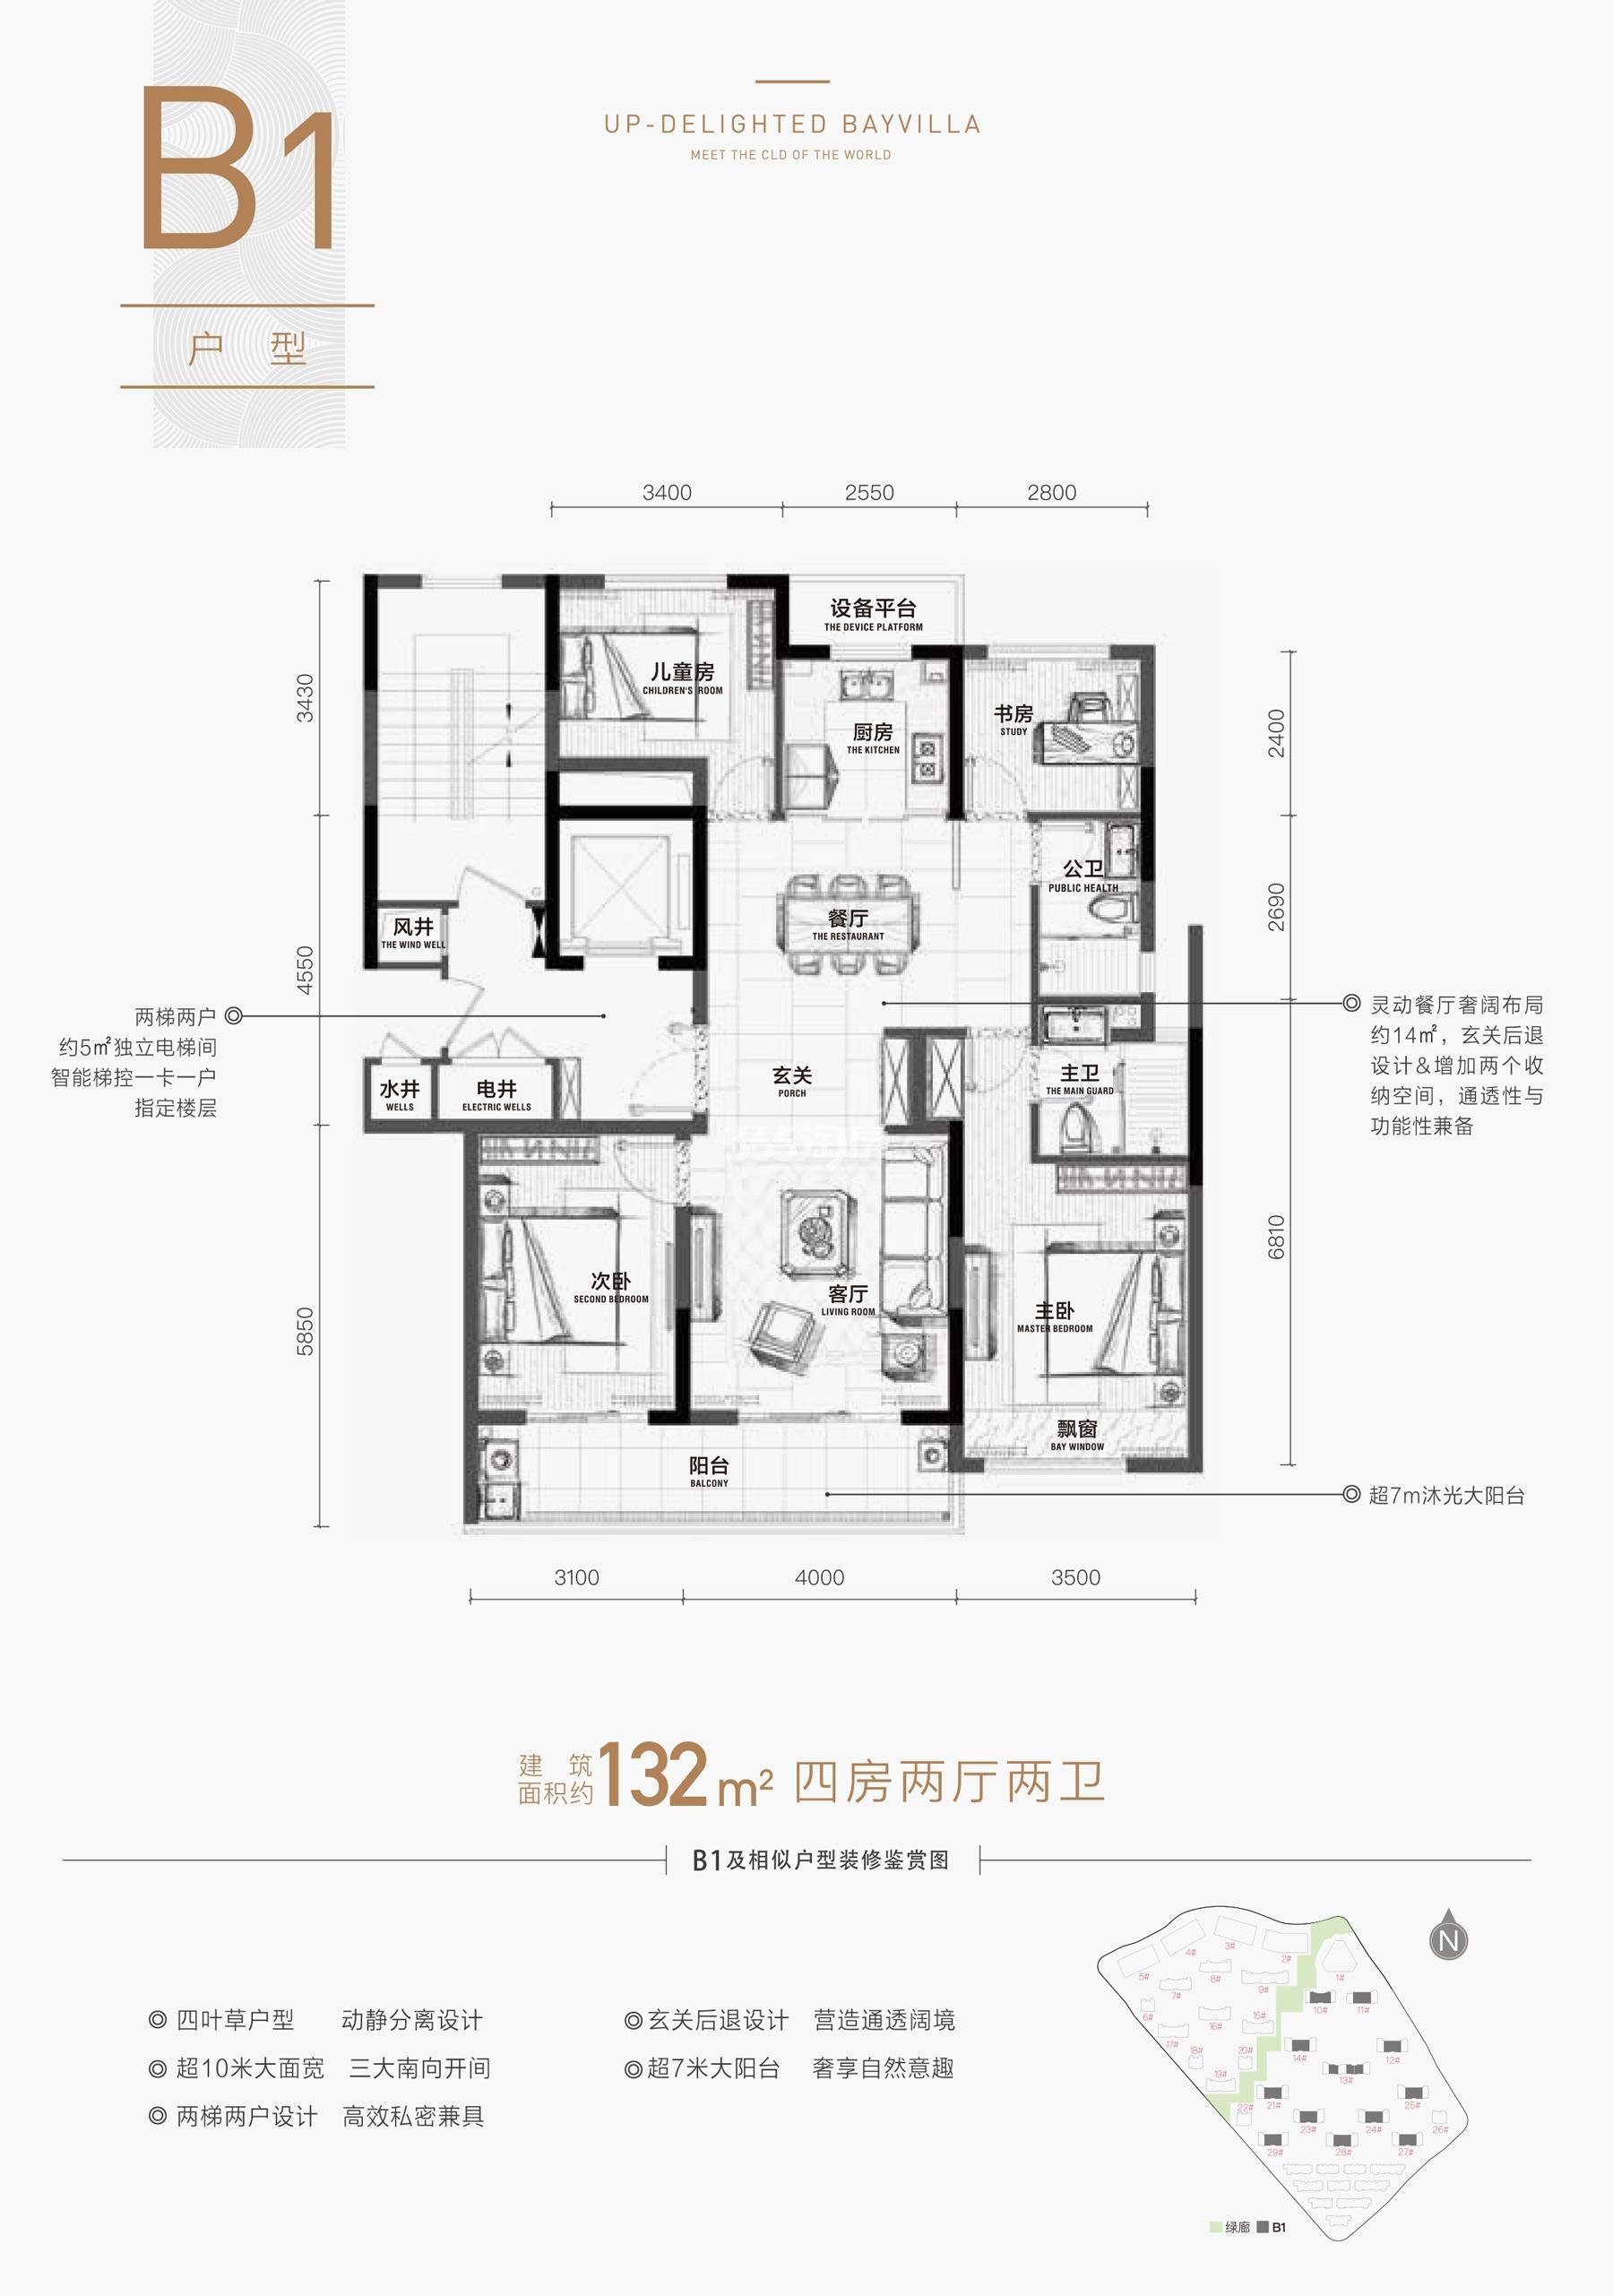 越秀招商云悦湾B1户型建筑面积约132㎡(10-14#21#23#24#25#27#28#29#)